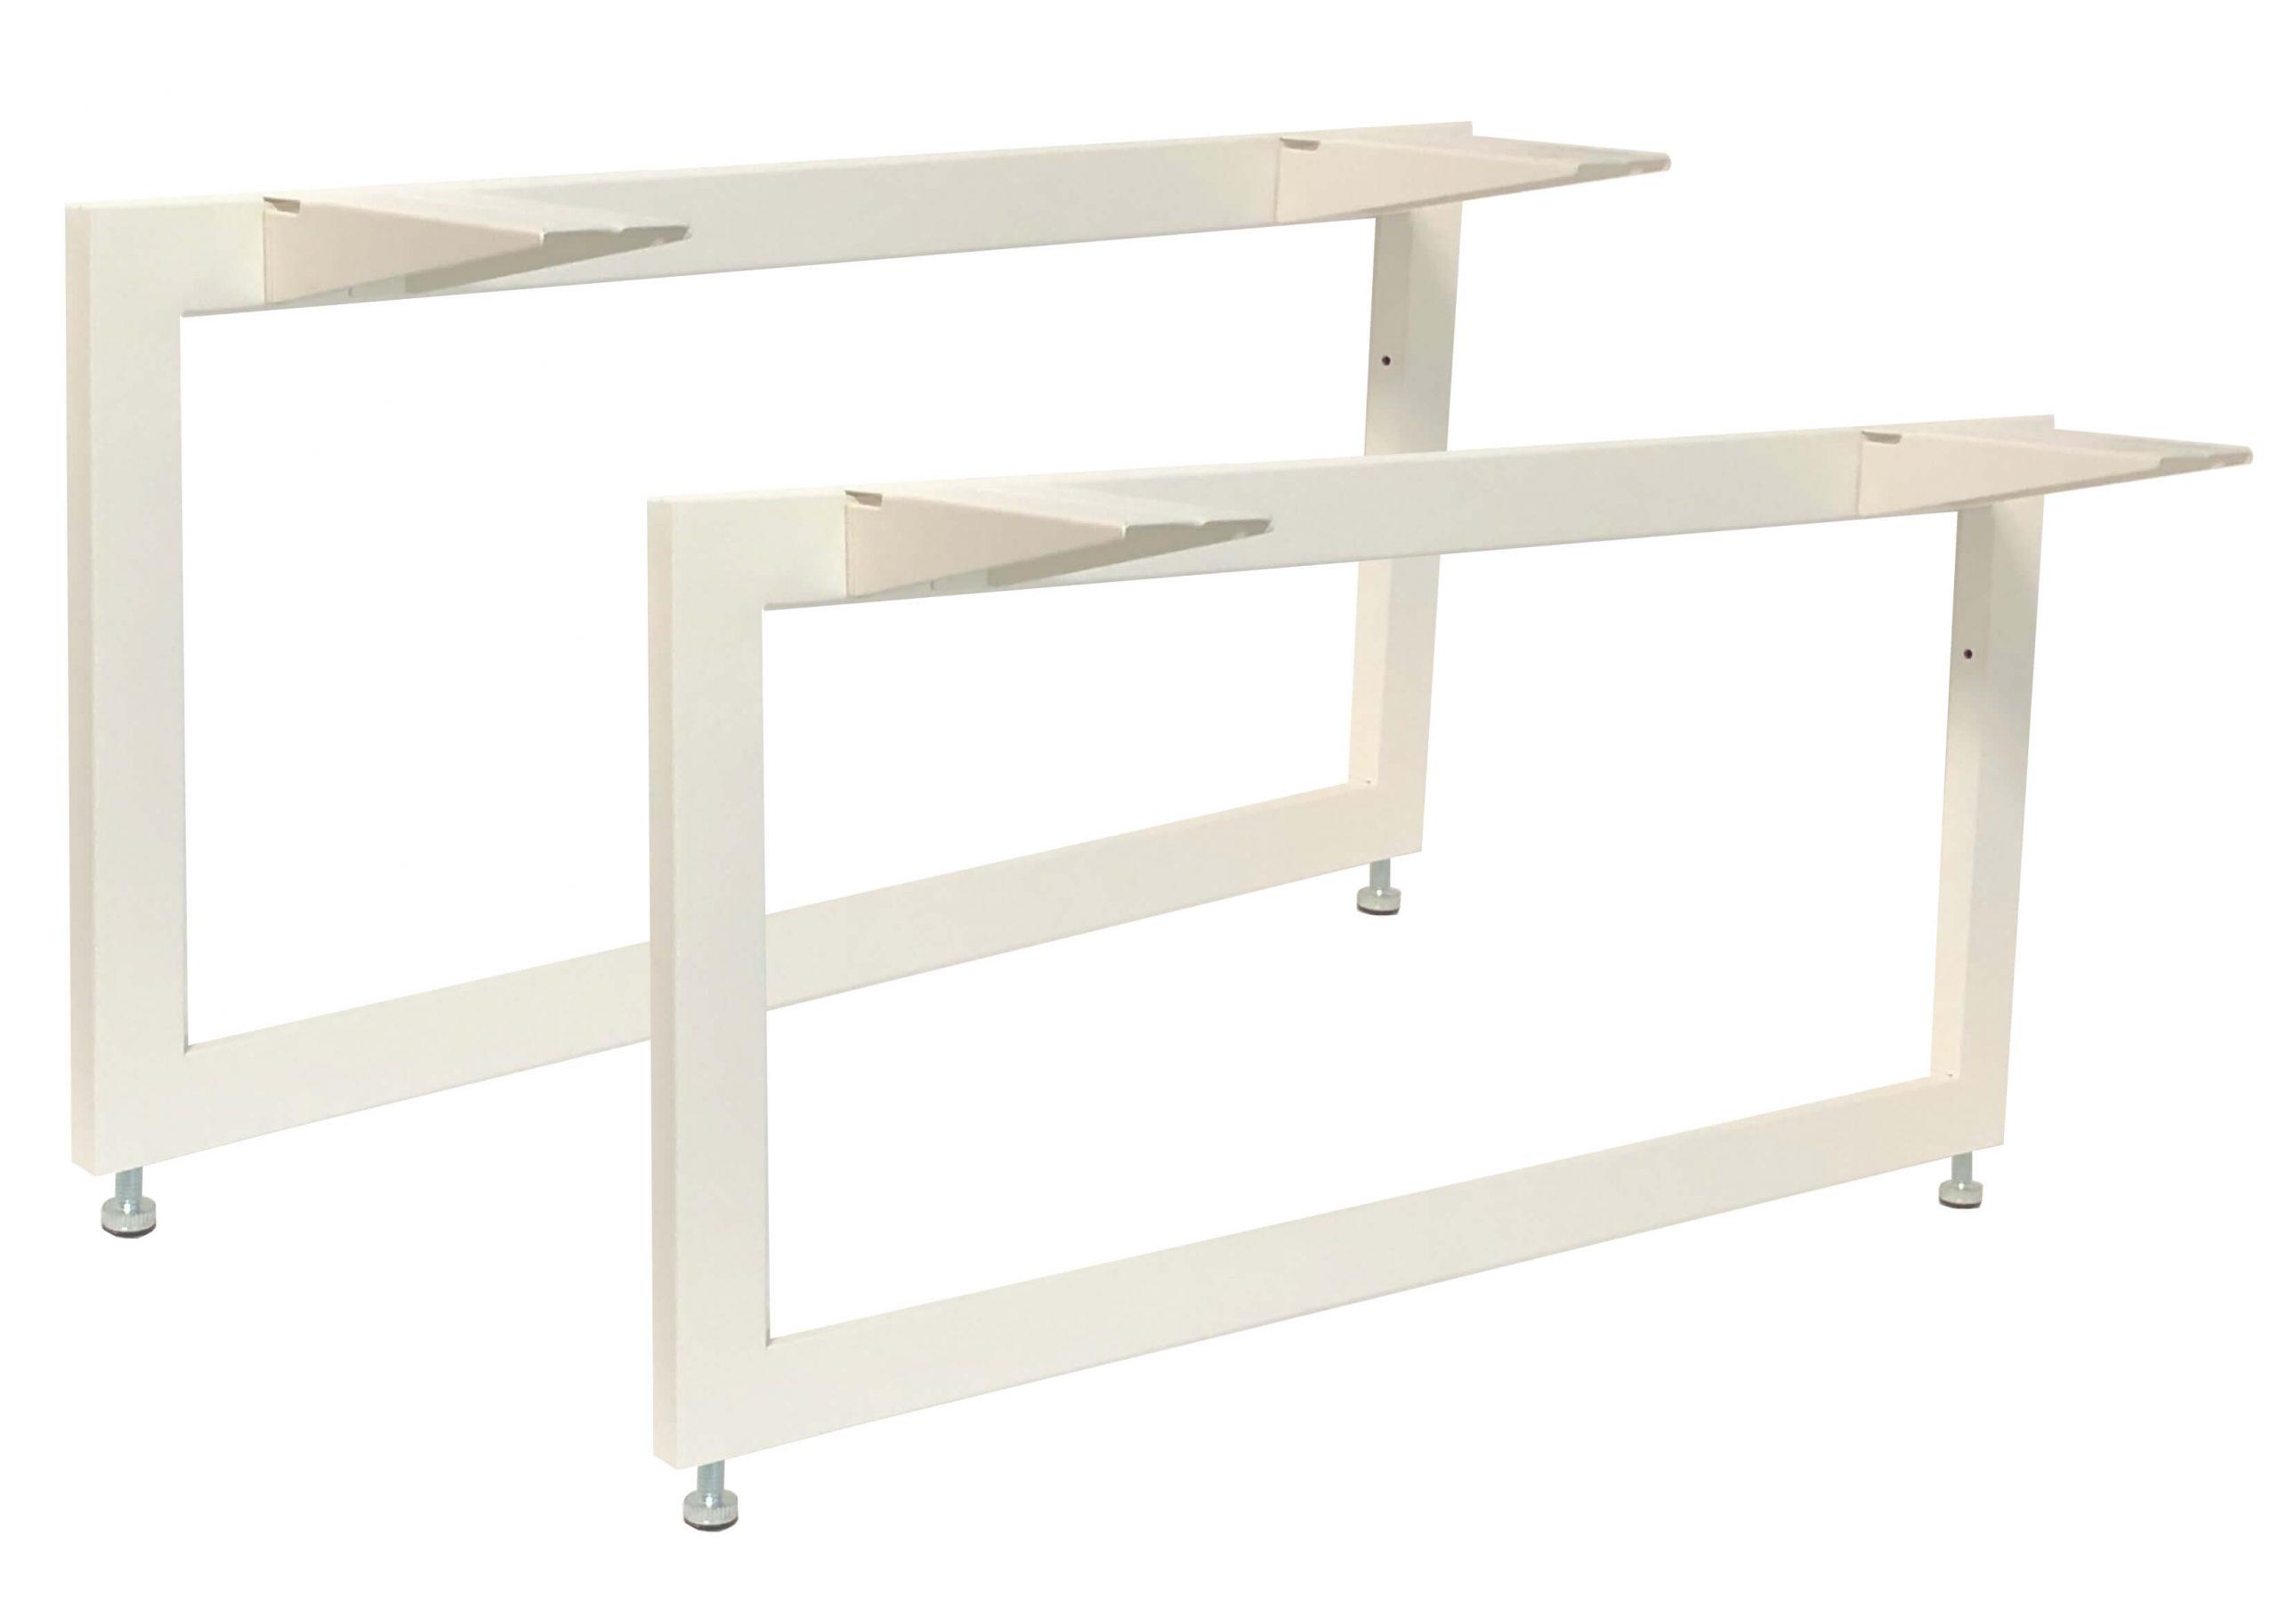 Full Size of Ikea Unterschrank Küche Kosten Badezimmer Sofa Mit Schlaffunktion Betten Bei Bad Holz Kaufen Eckunterschrank Modulküche Miniküche 160x200 Wohnzimmer Ikea Unterschrank